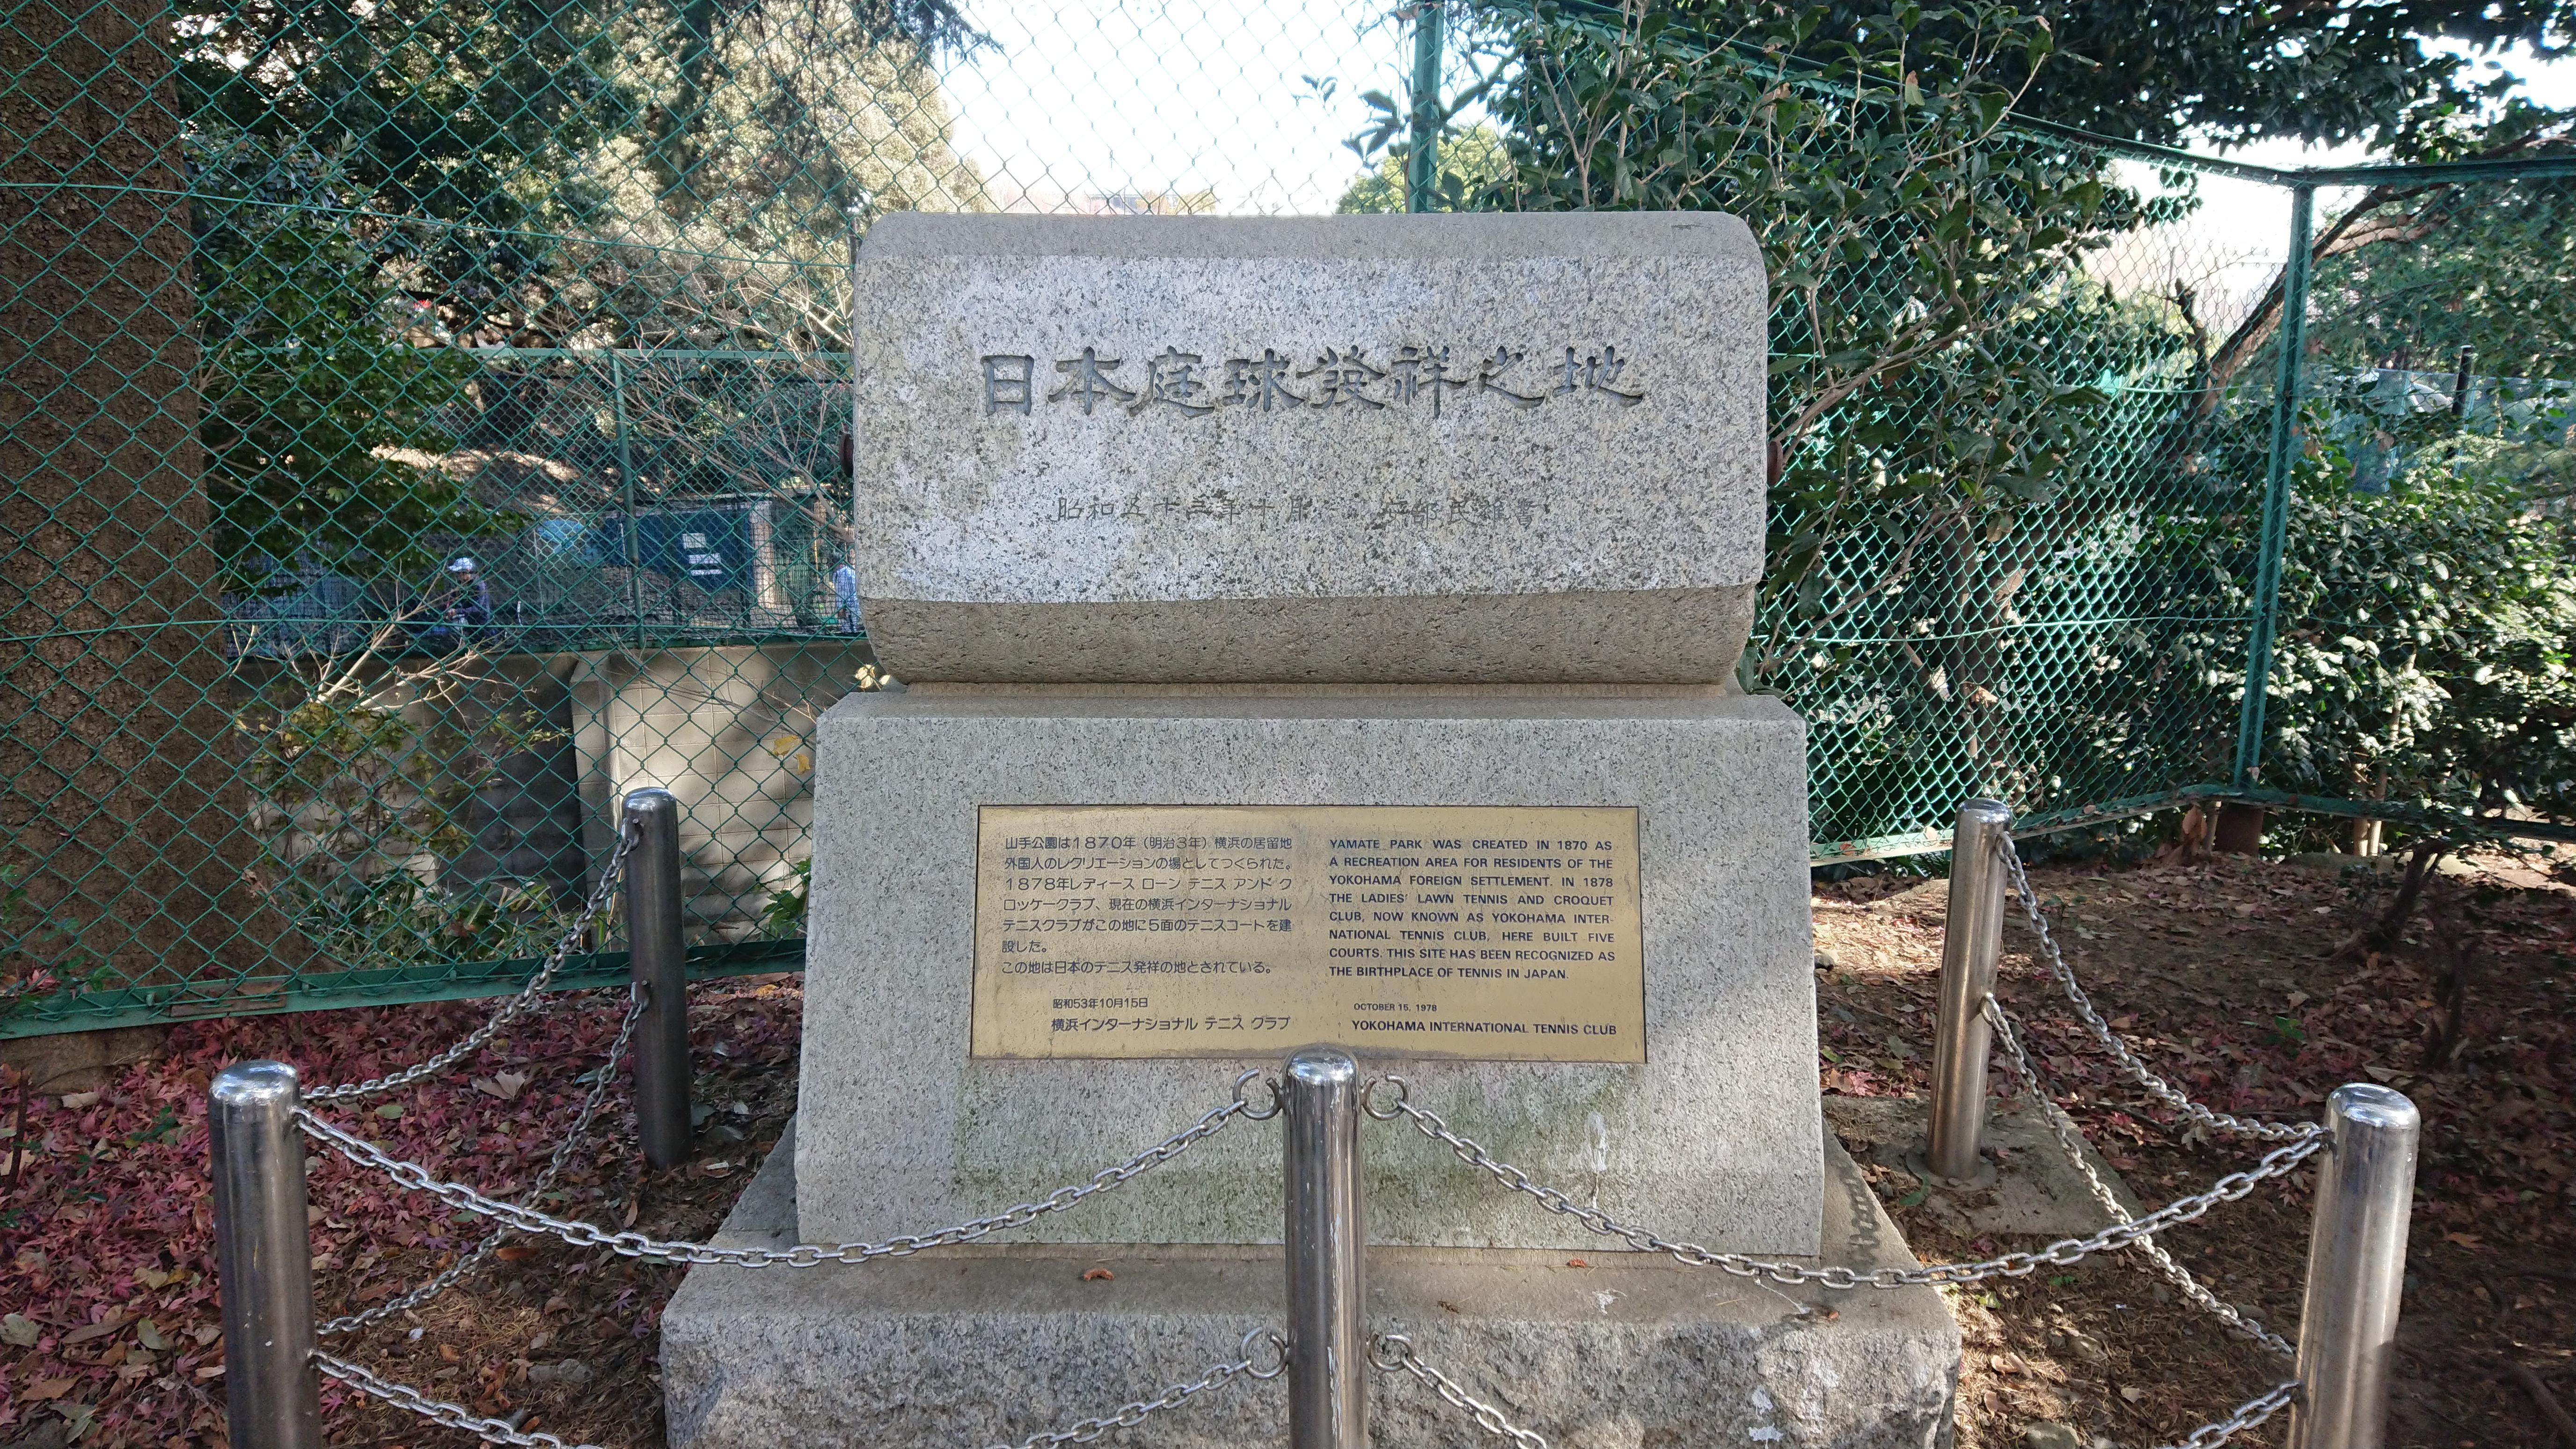 「庭球発祥の地」記念碑